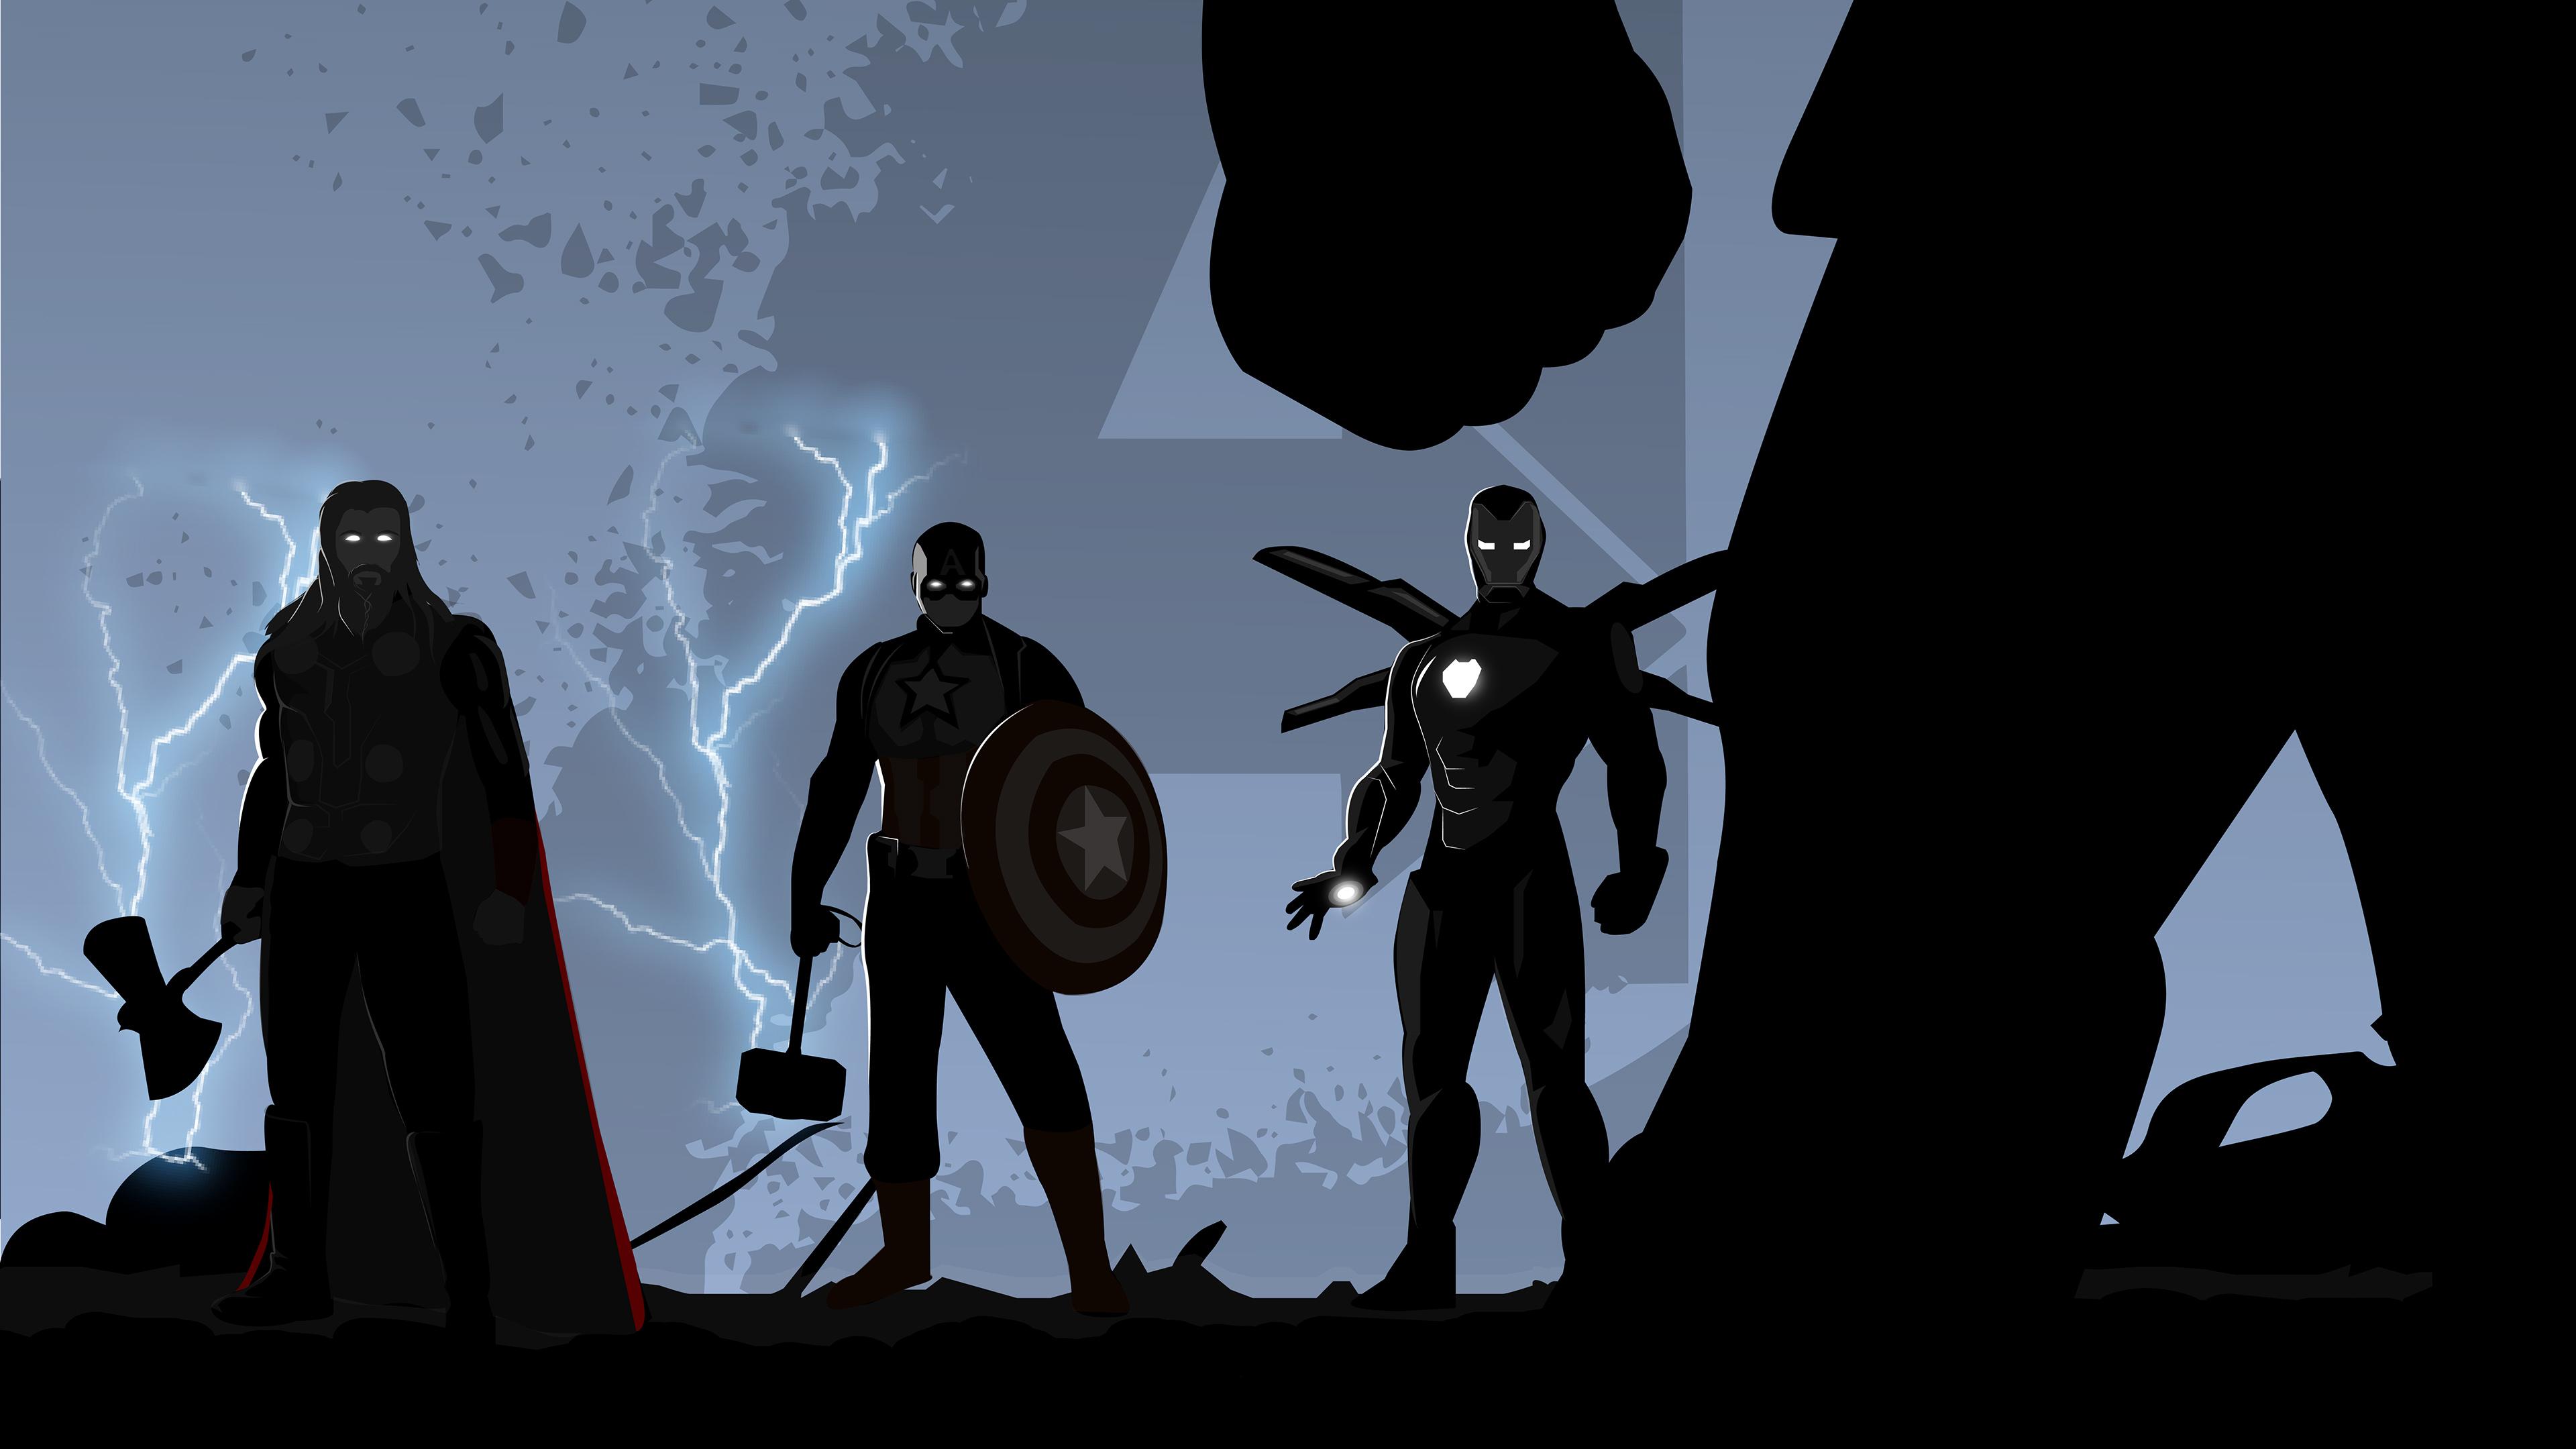 Wallpaper 4k Avengers Endgame Minimal Illustration 4k 2019 Movies